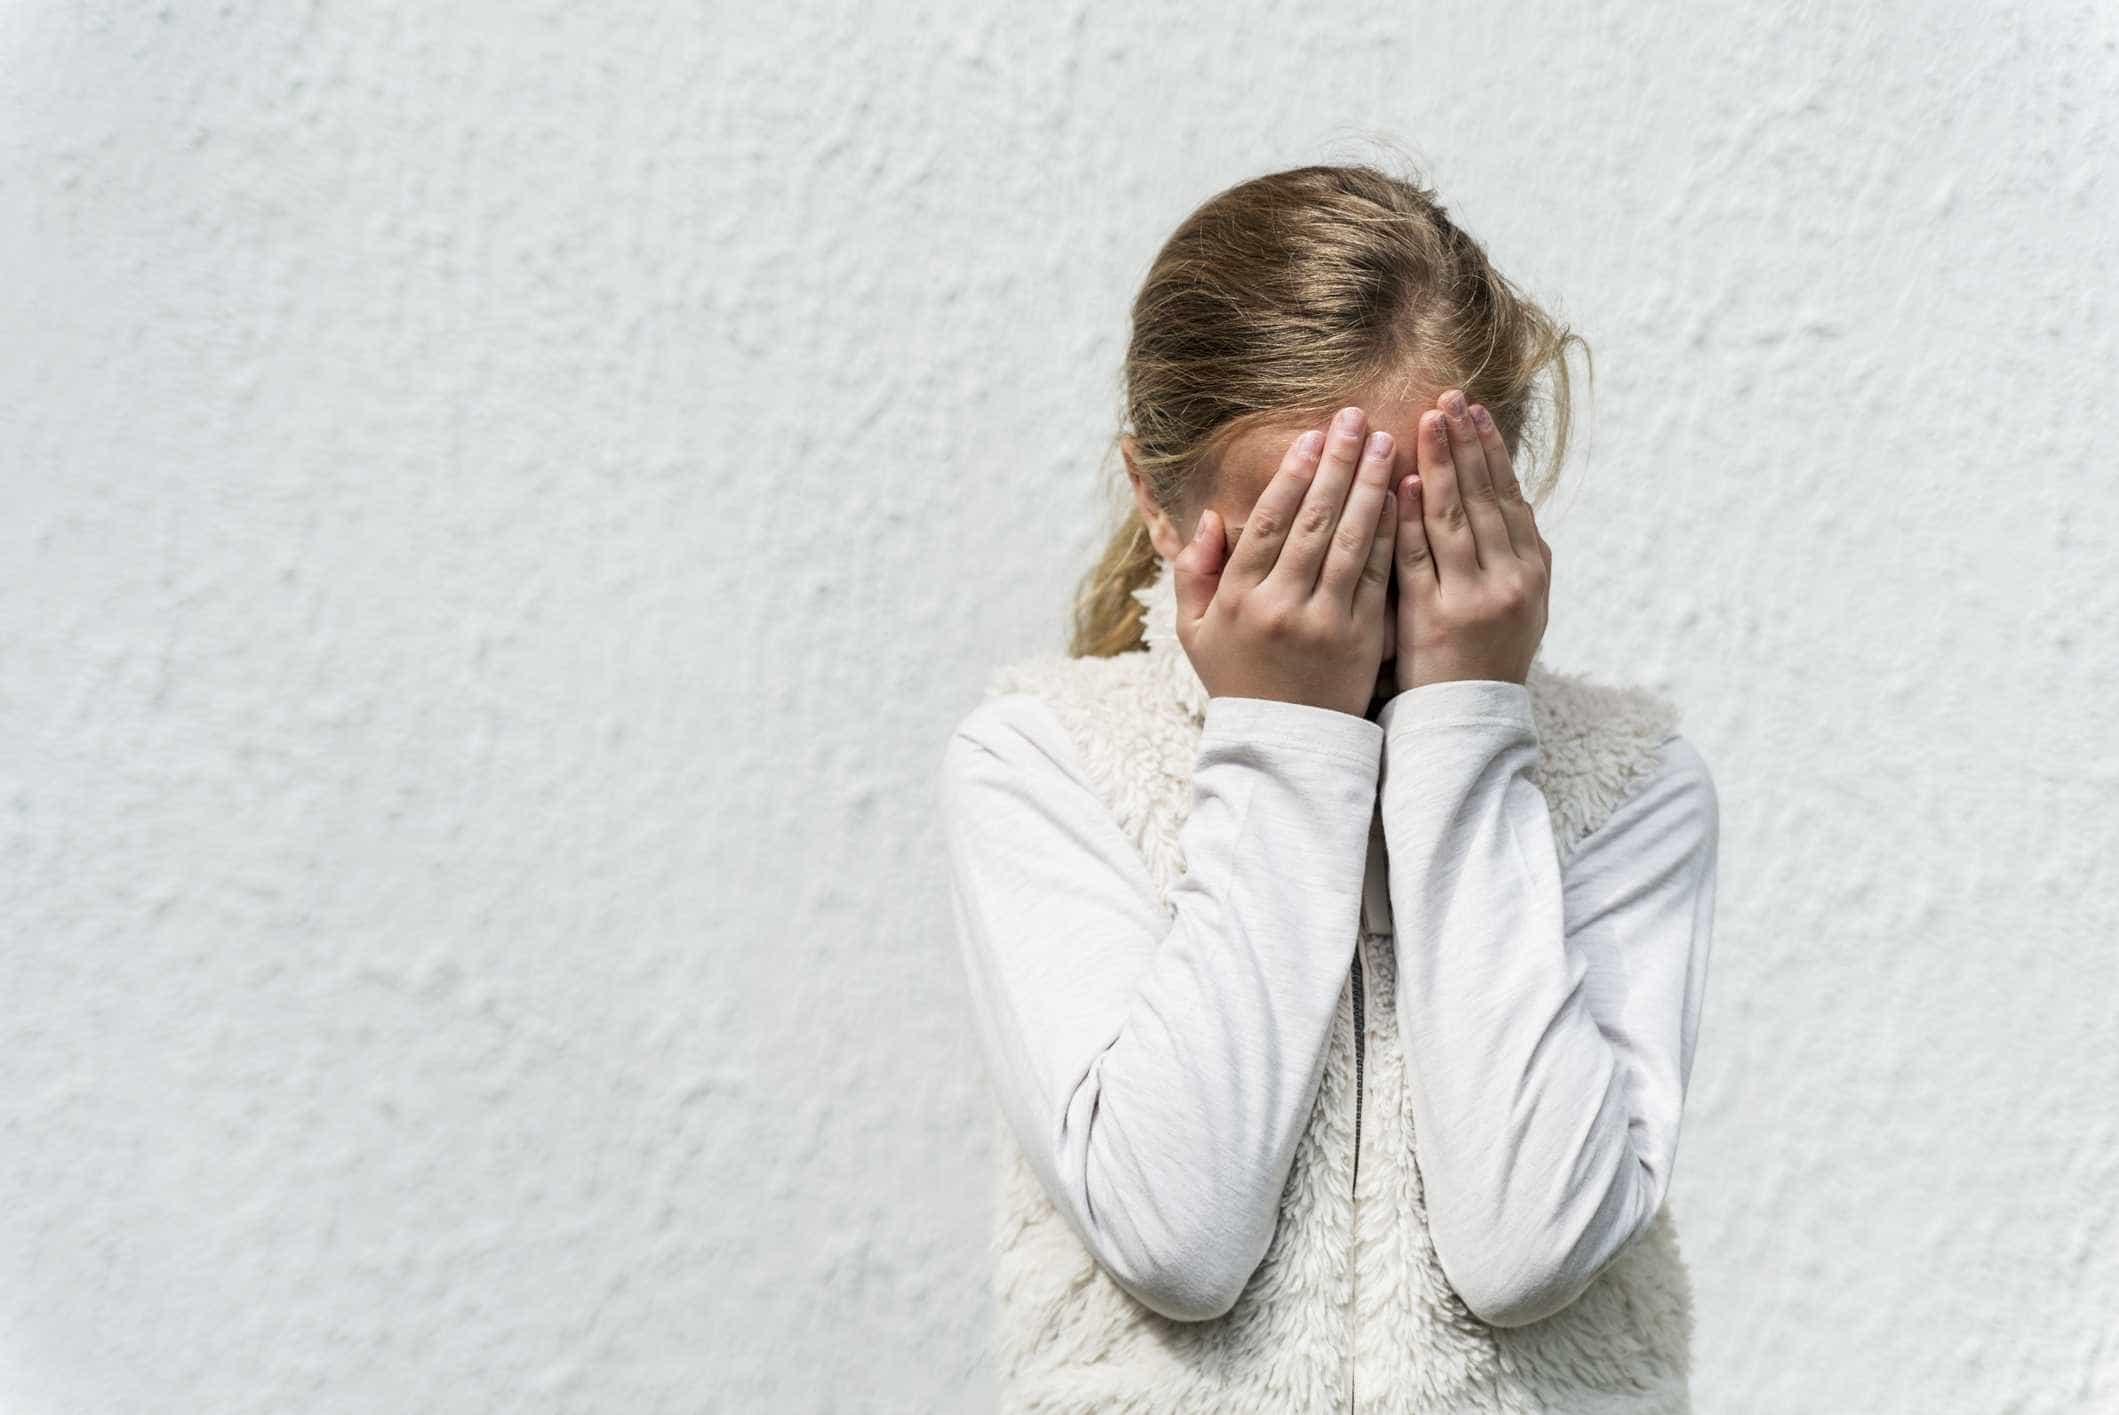 Homem detido em Montemor-o-Velho por violar enteada menor